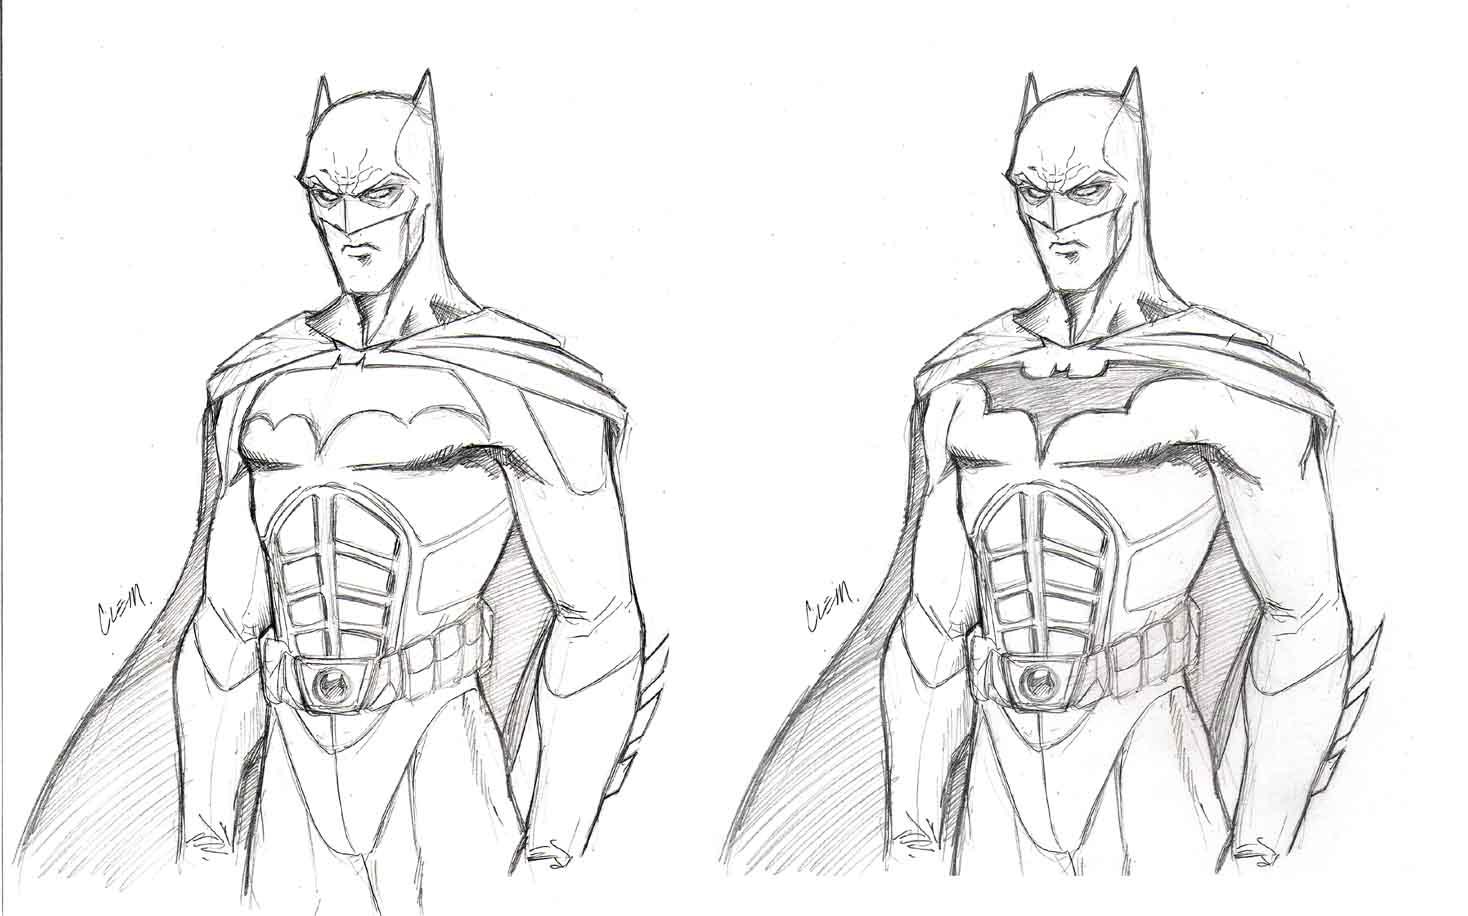 Drawn batman cowl Suit: 17 suit is first